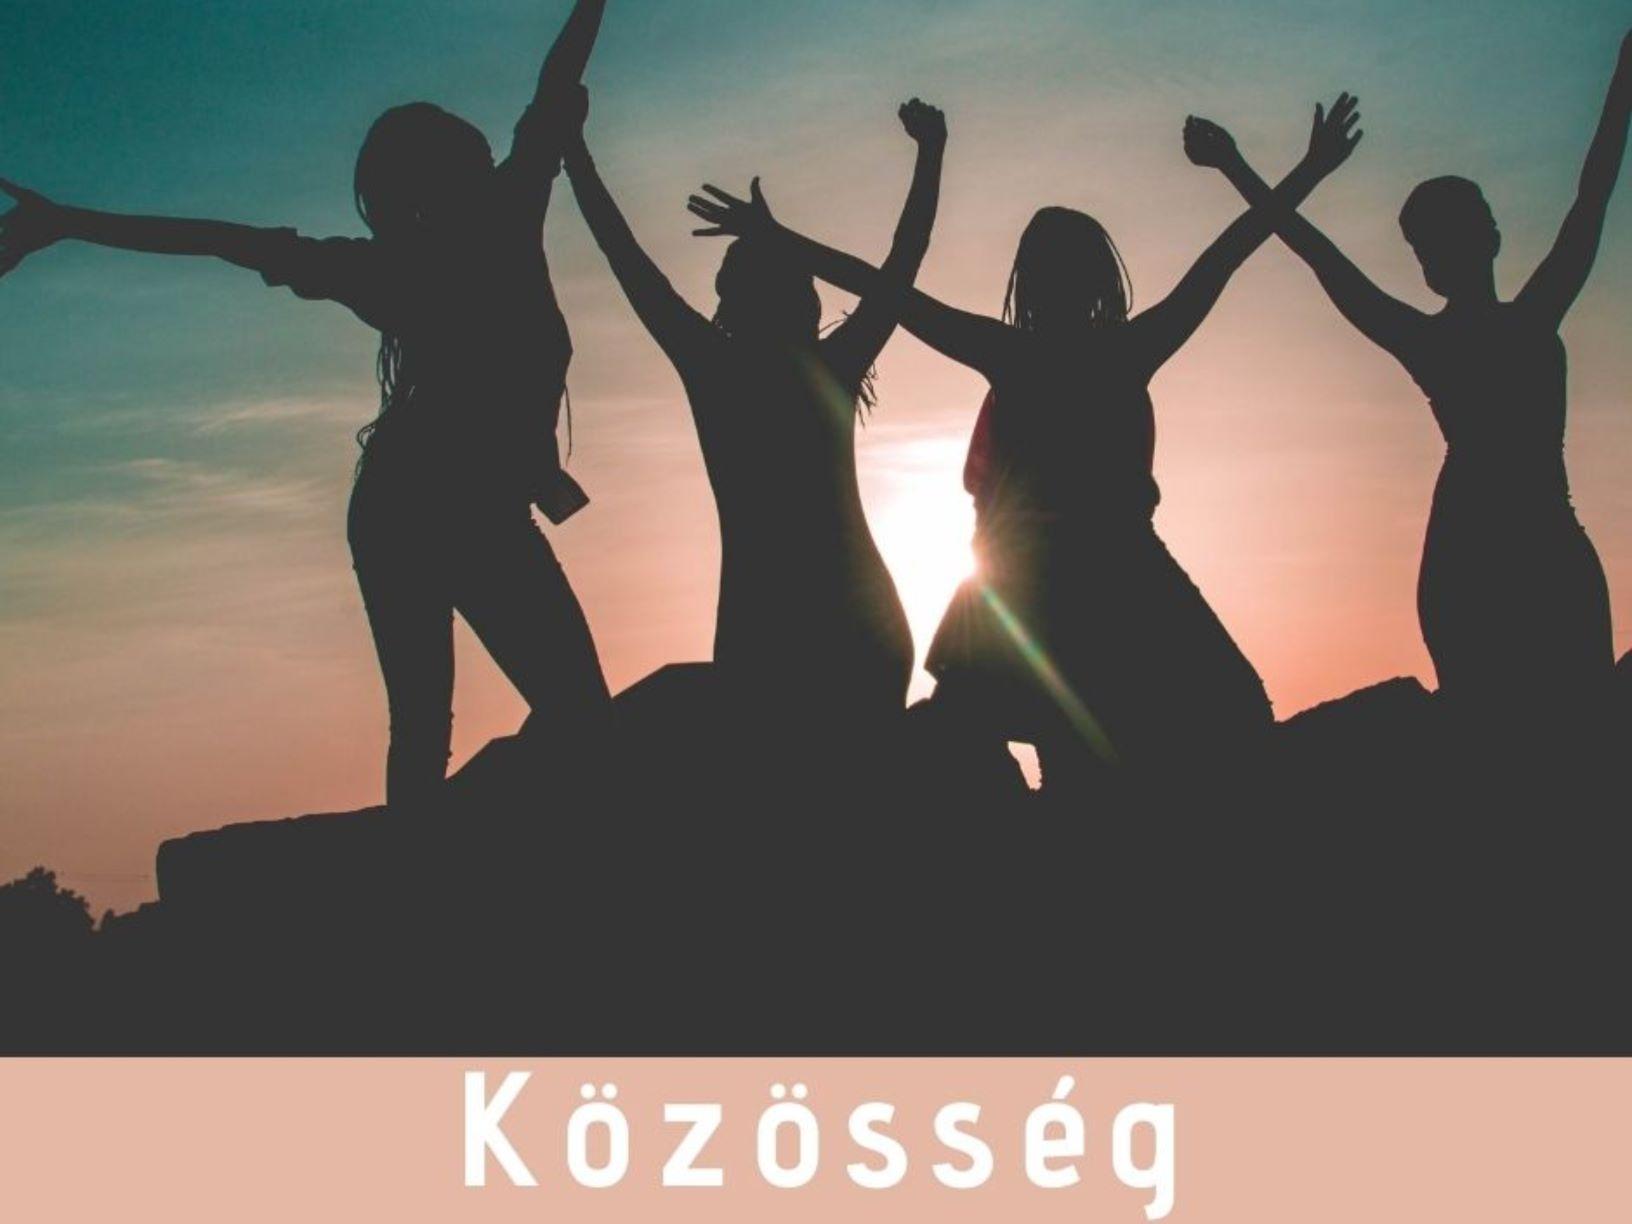 kozosseg_blogkep.jpg